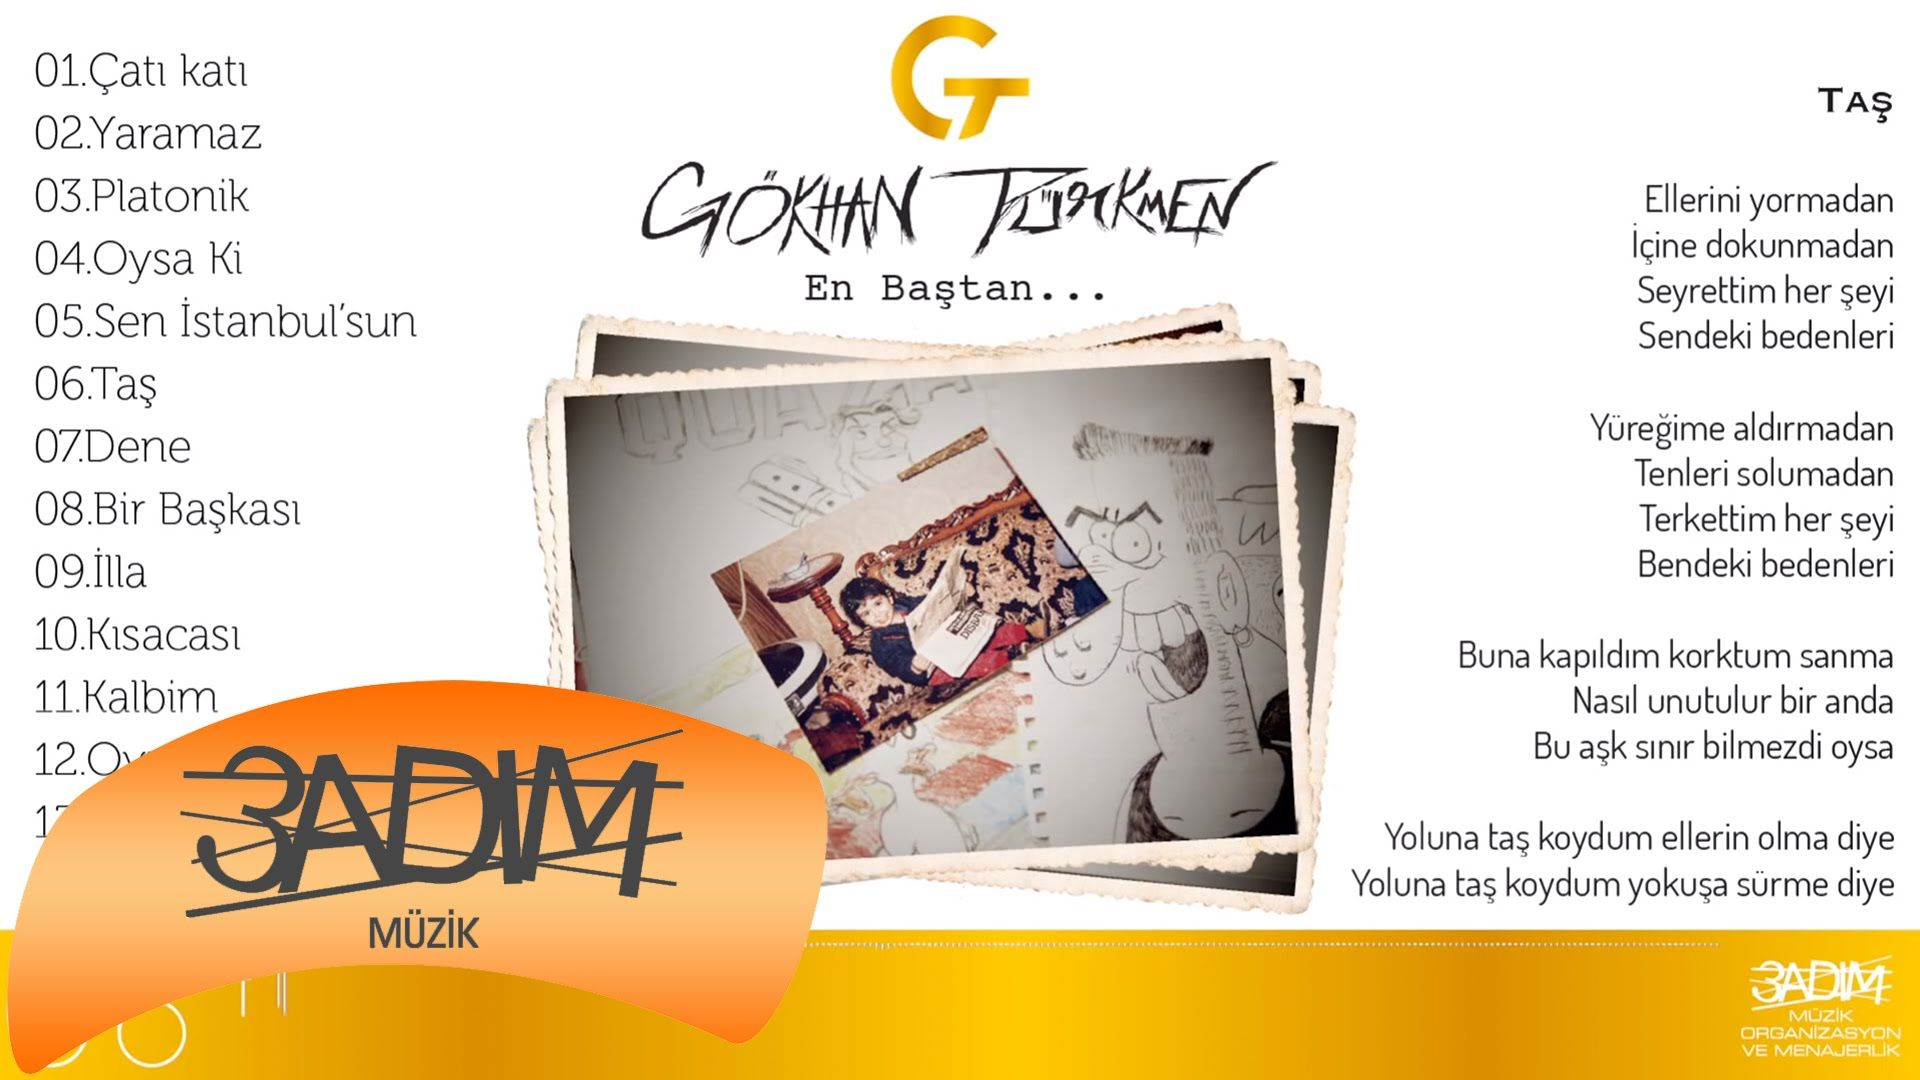 Gokhan Turkmen Tas Official Lyric Video Oya Muzik